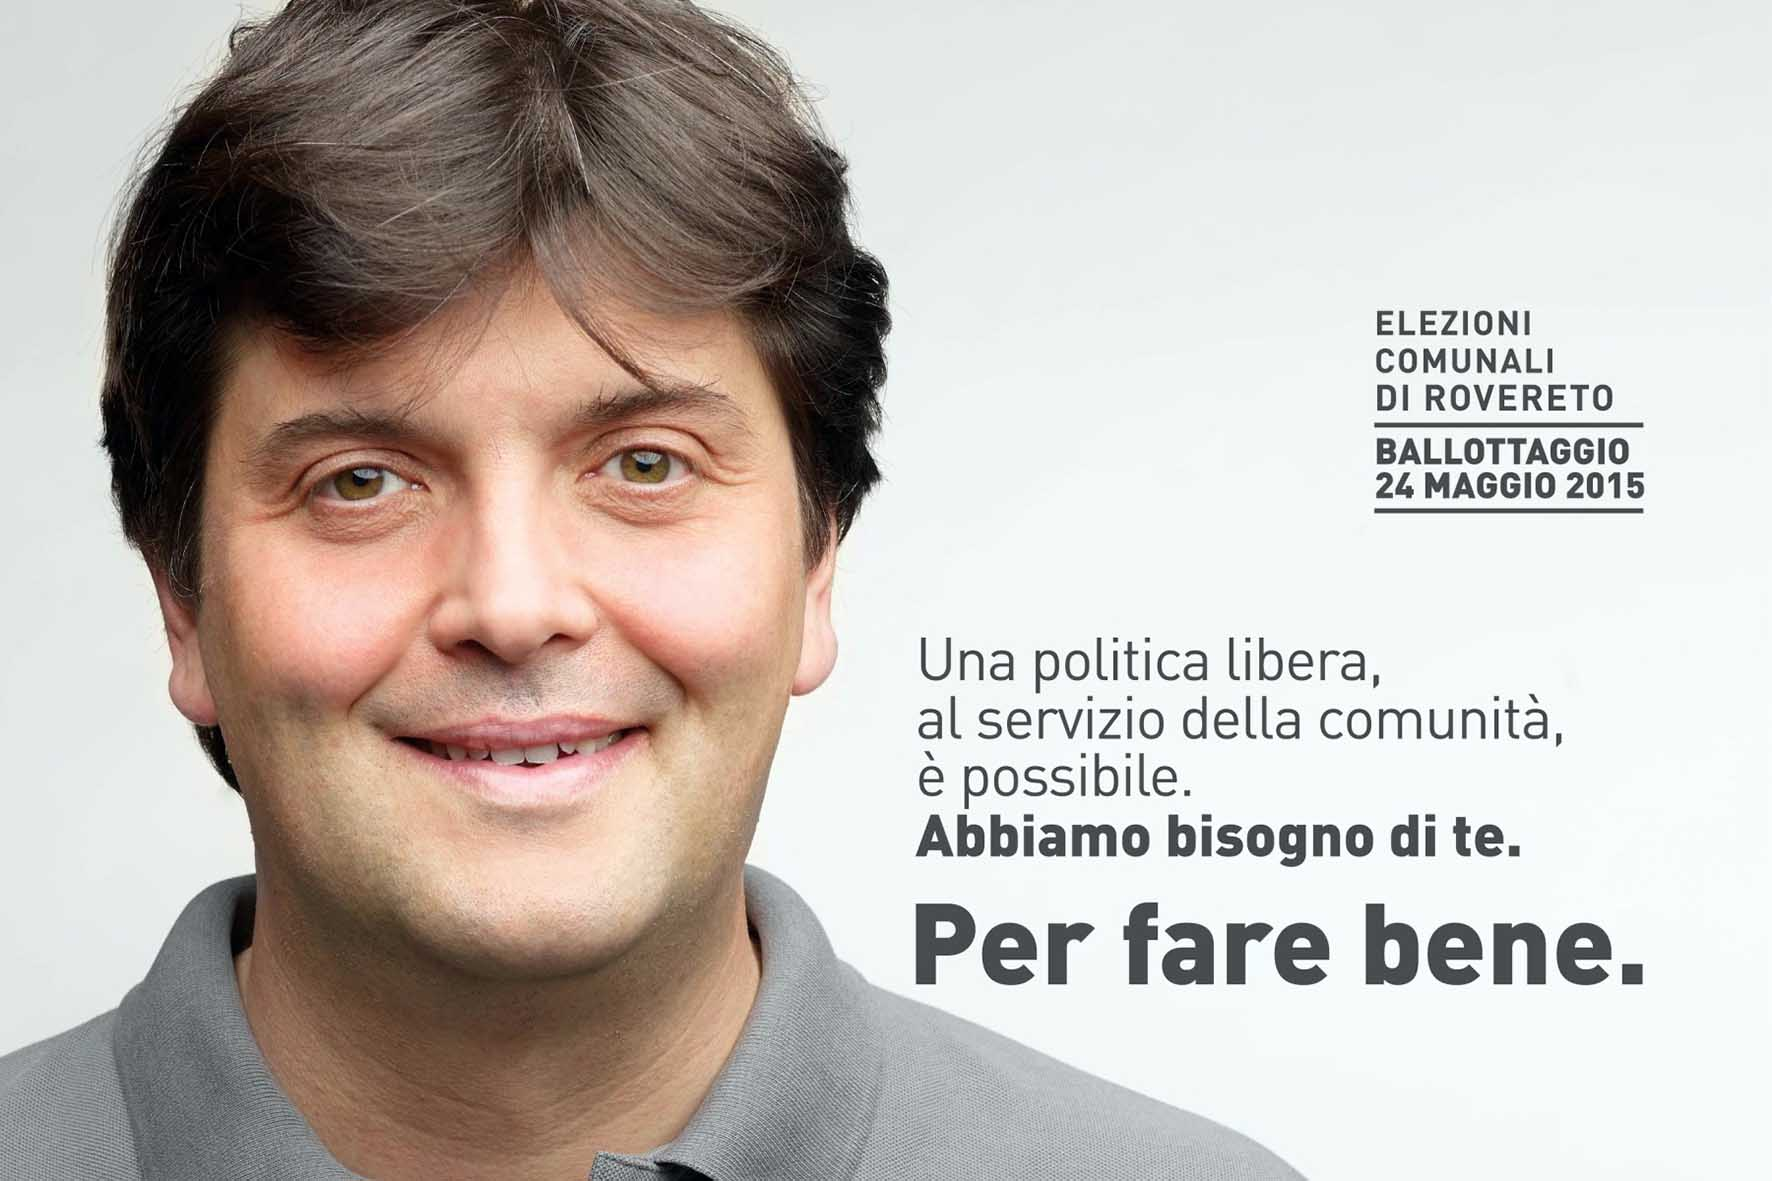 cartellone elettorale francesco valduga ballottaggio rovereto 2015